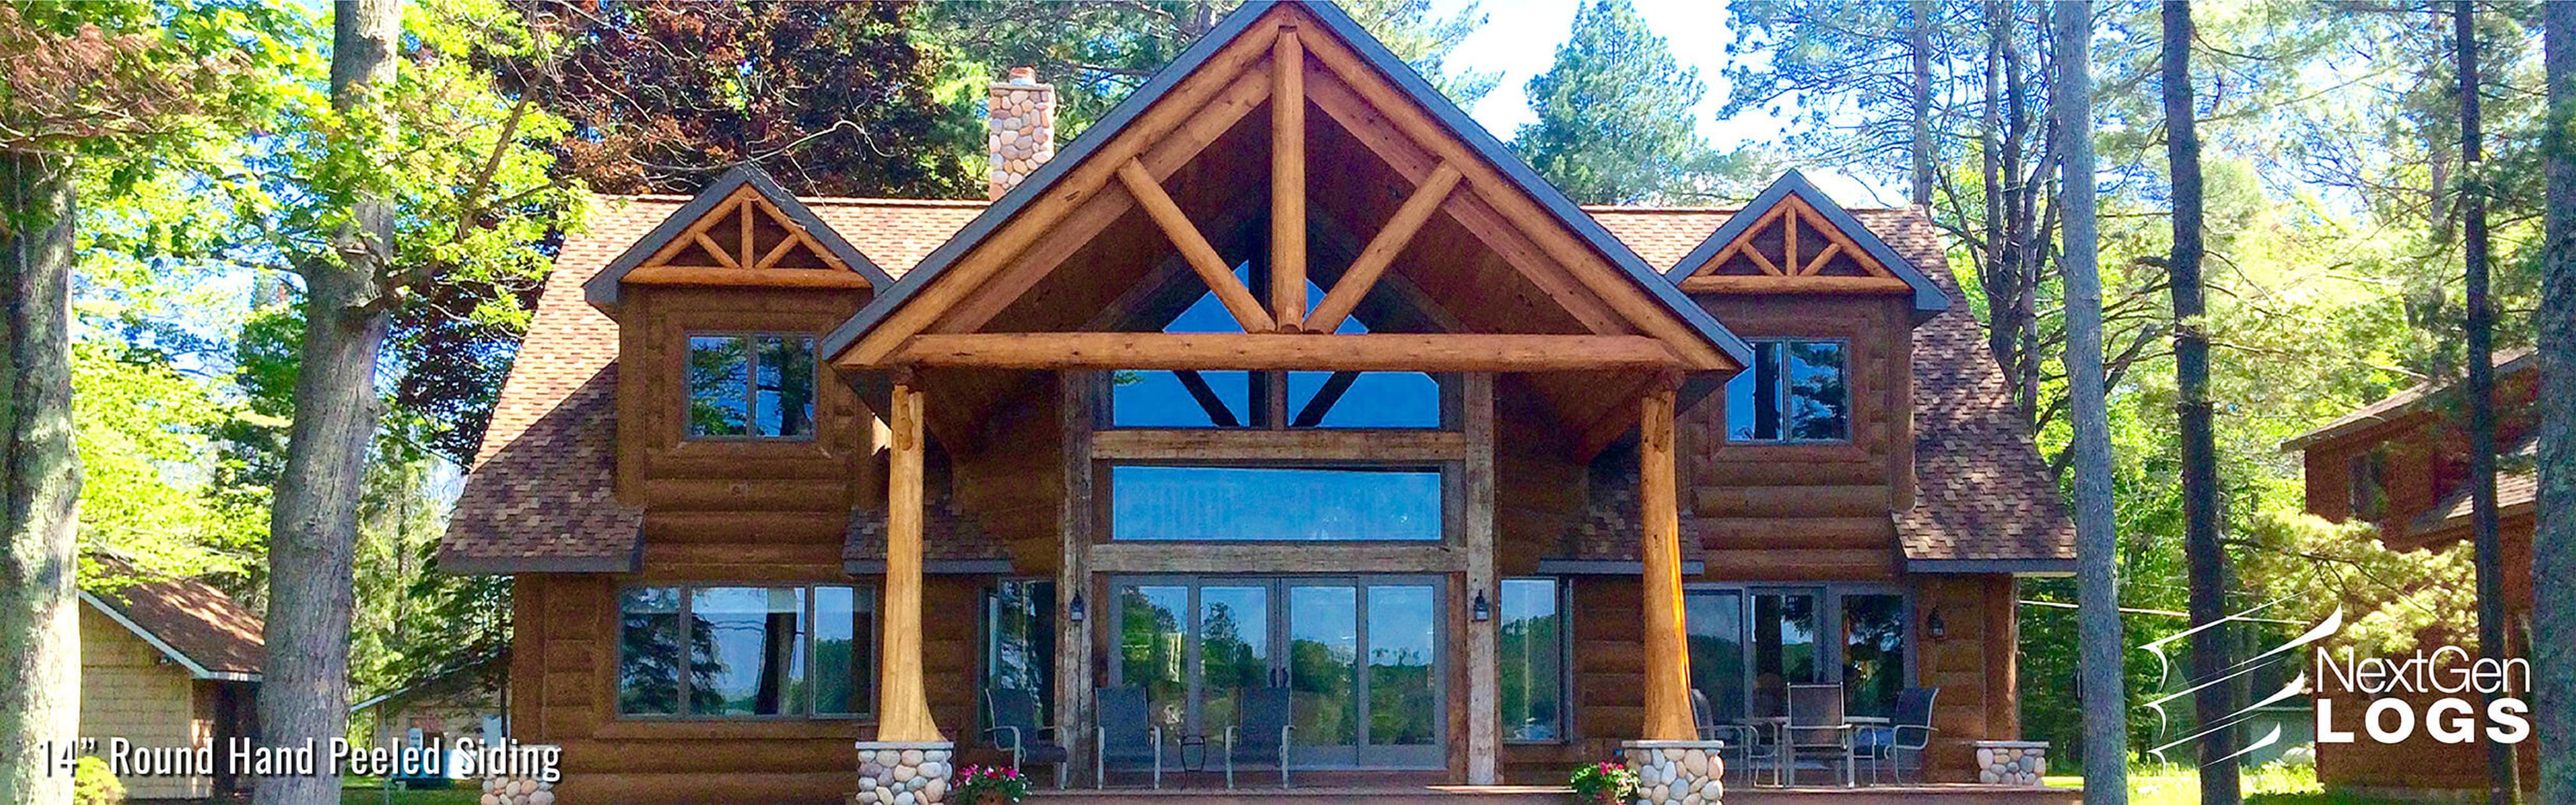 NextGen_Logs_Concrete_Log_Siding_lake_home